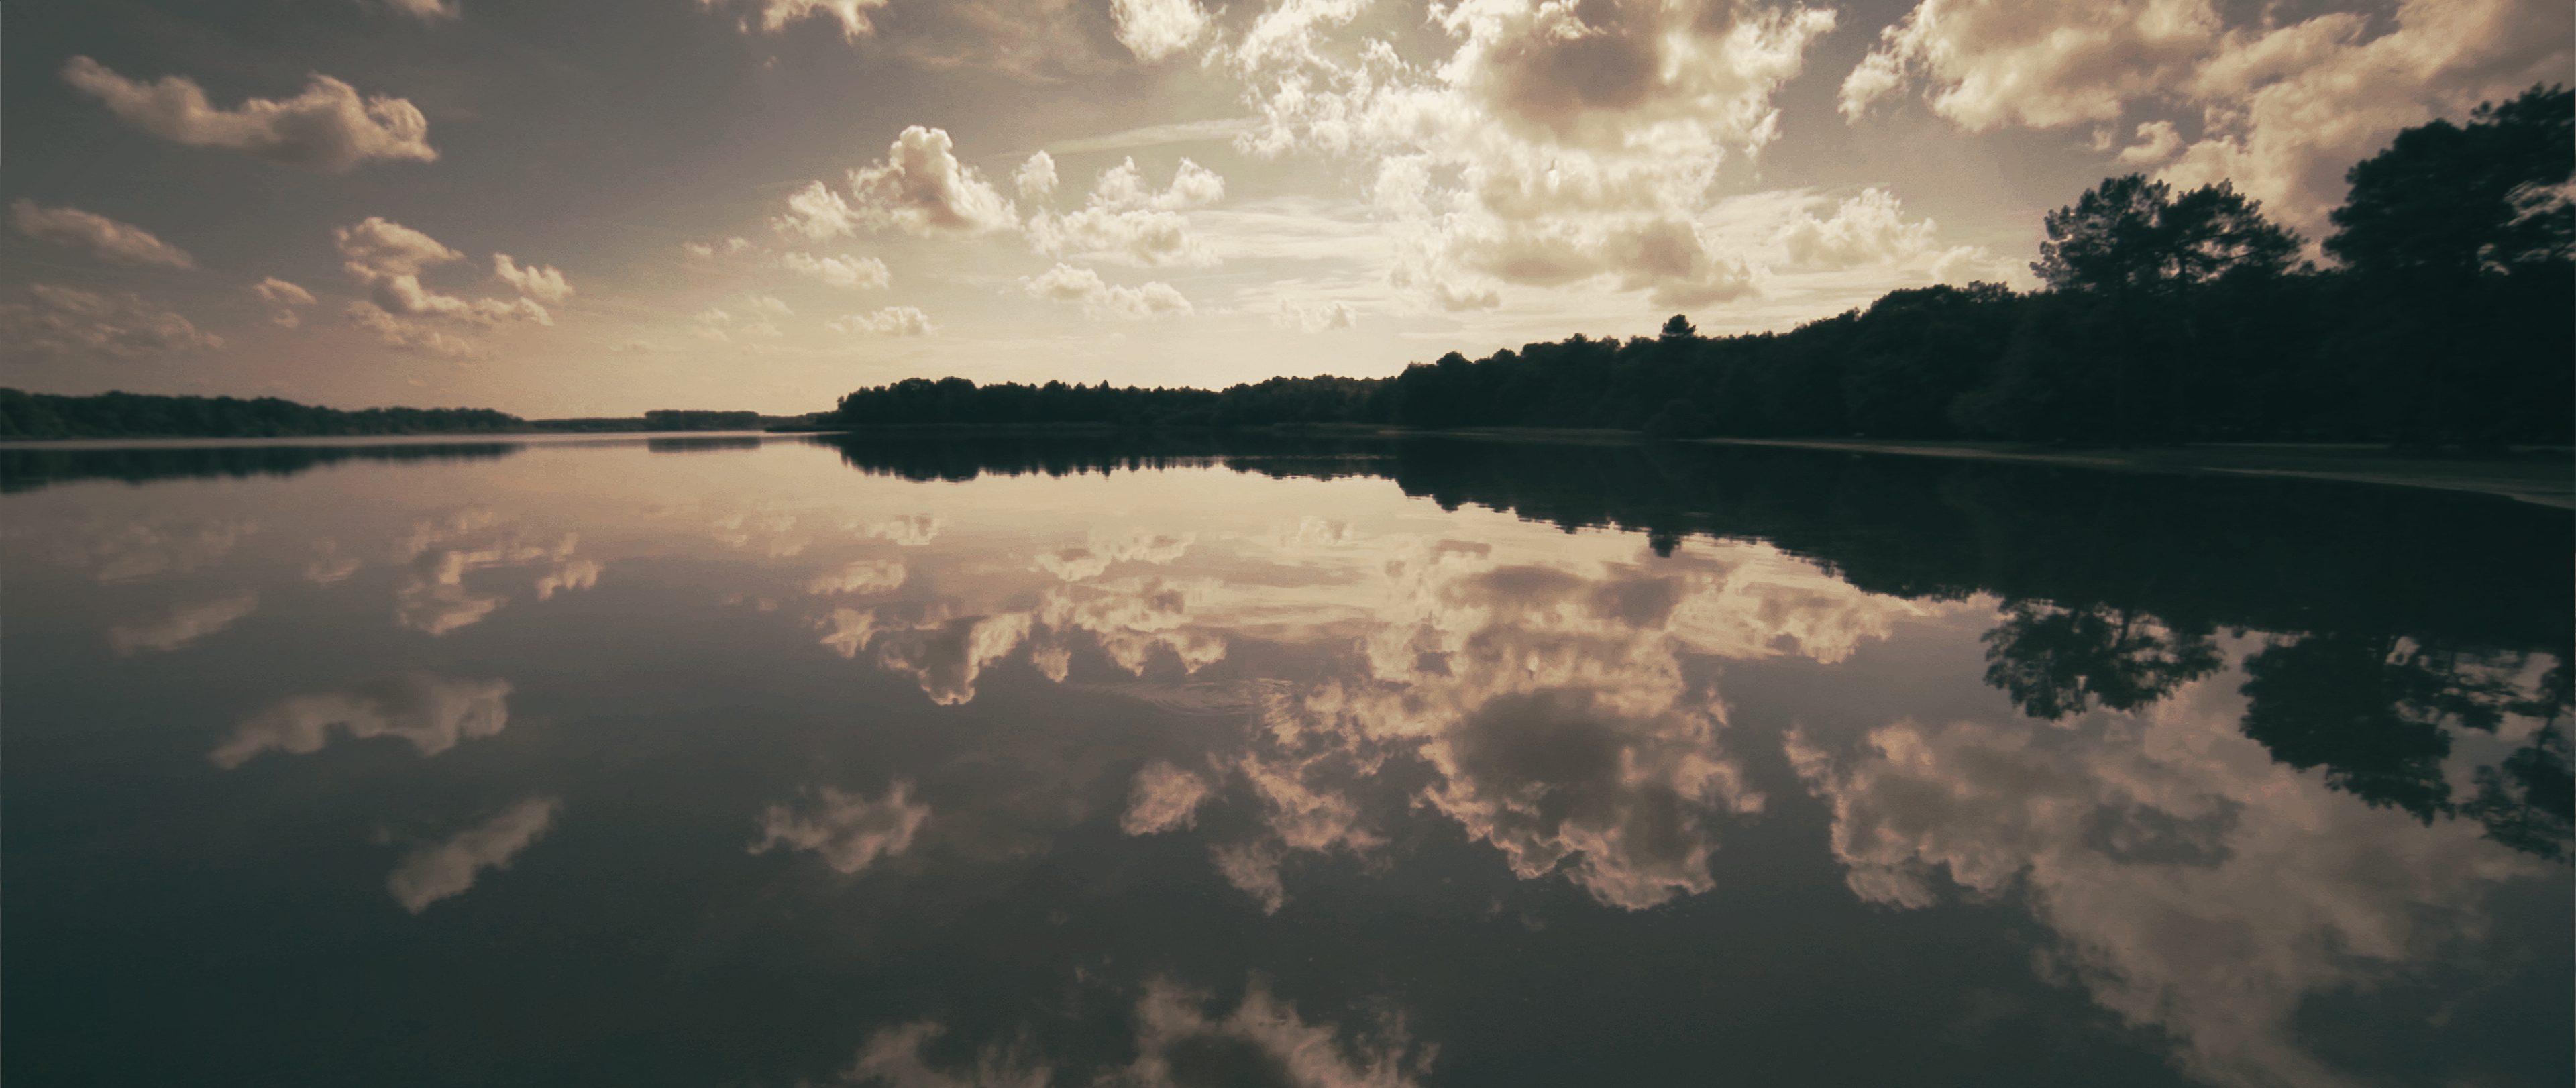 fleuve plat et reflection au drone